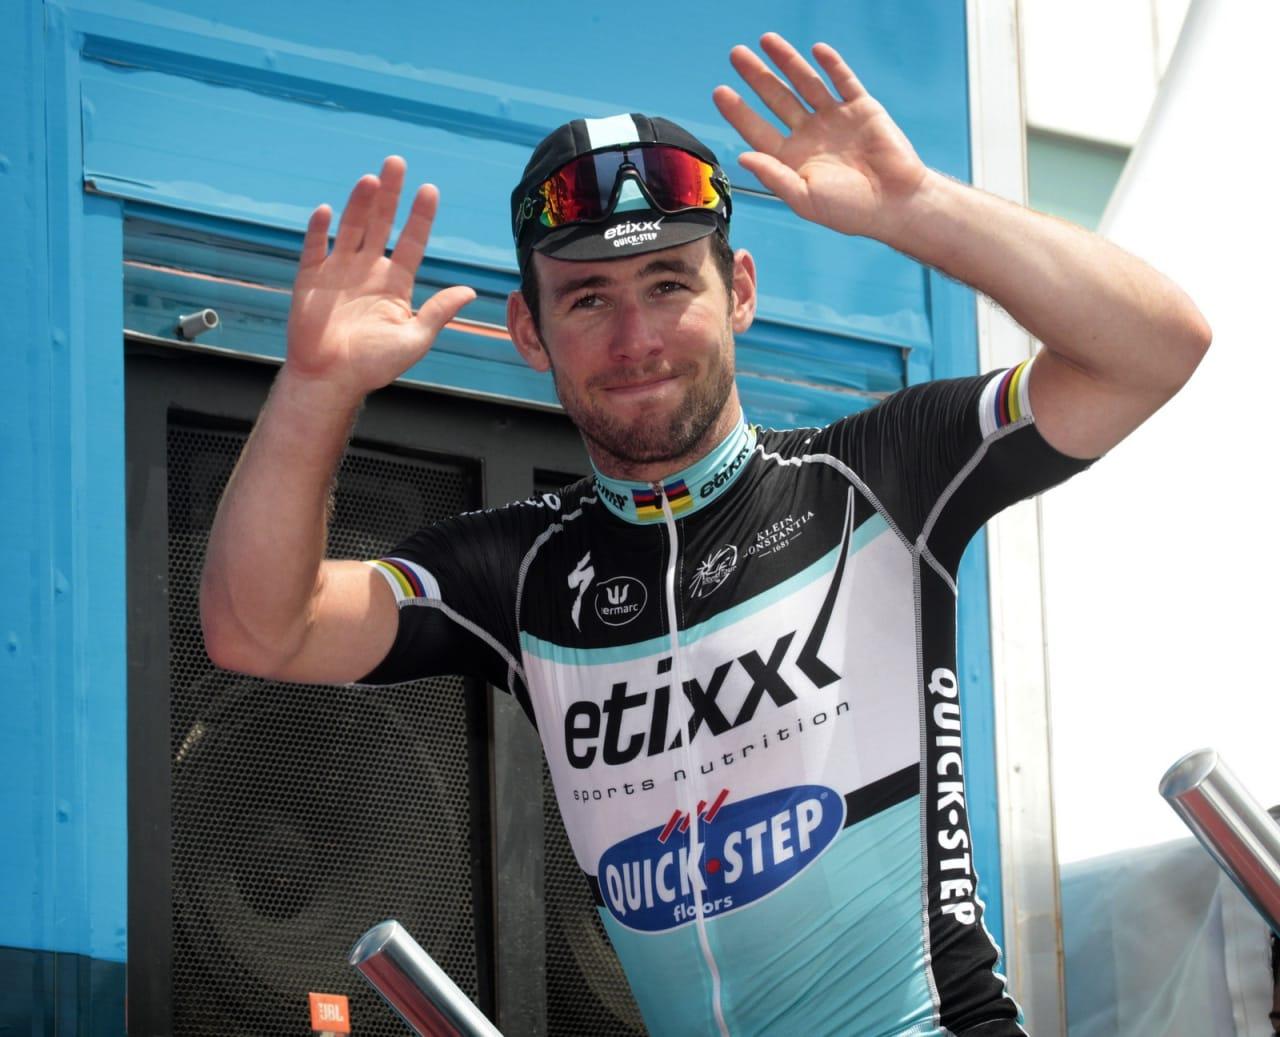 ENDELIG SATT DEN: Mark Cavendish har trøblet i starten av årets Tour, men kunne endelig juble for seier i dag. Foto: Cor Vos.